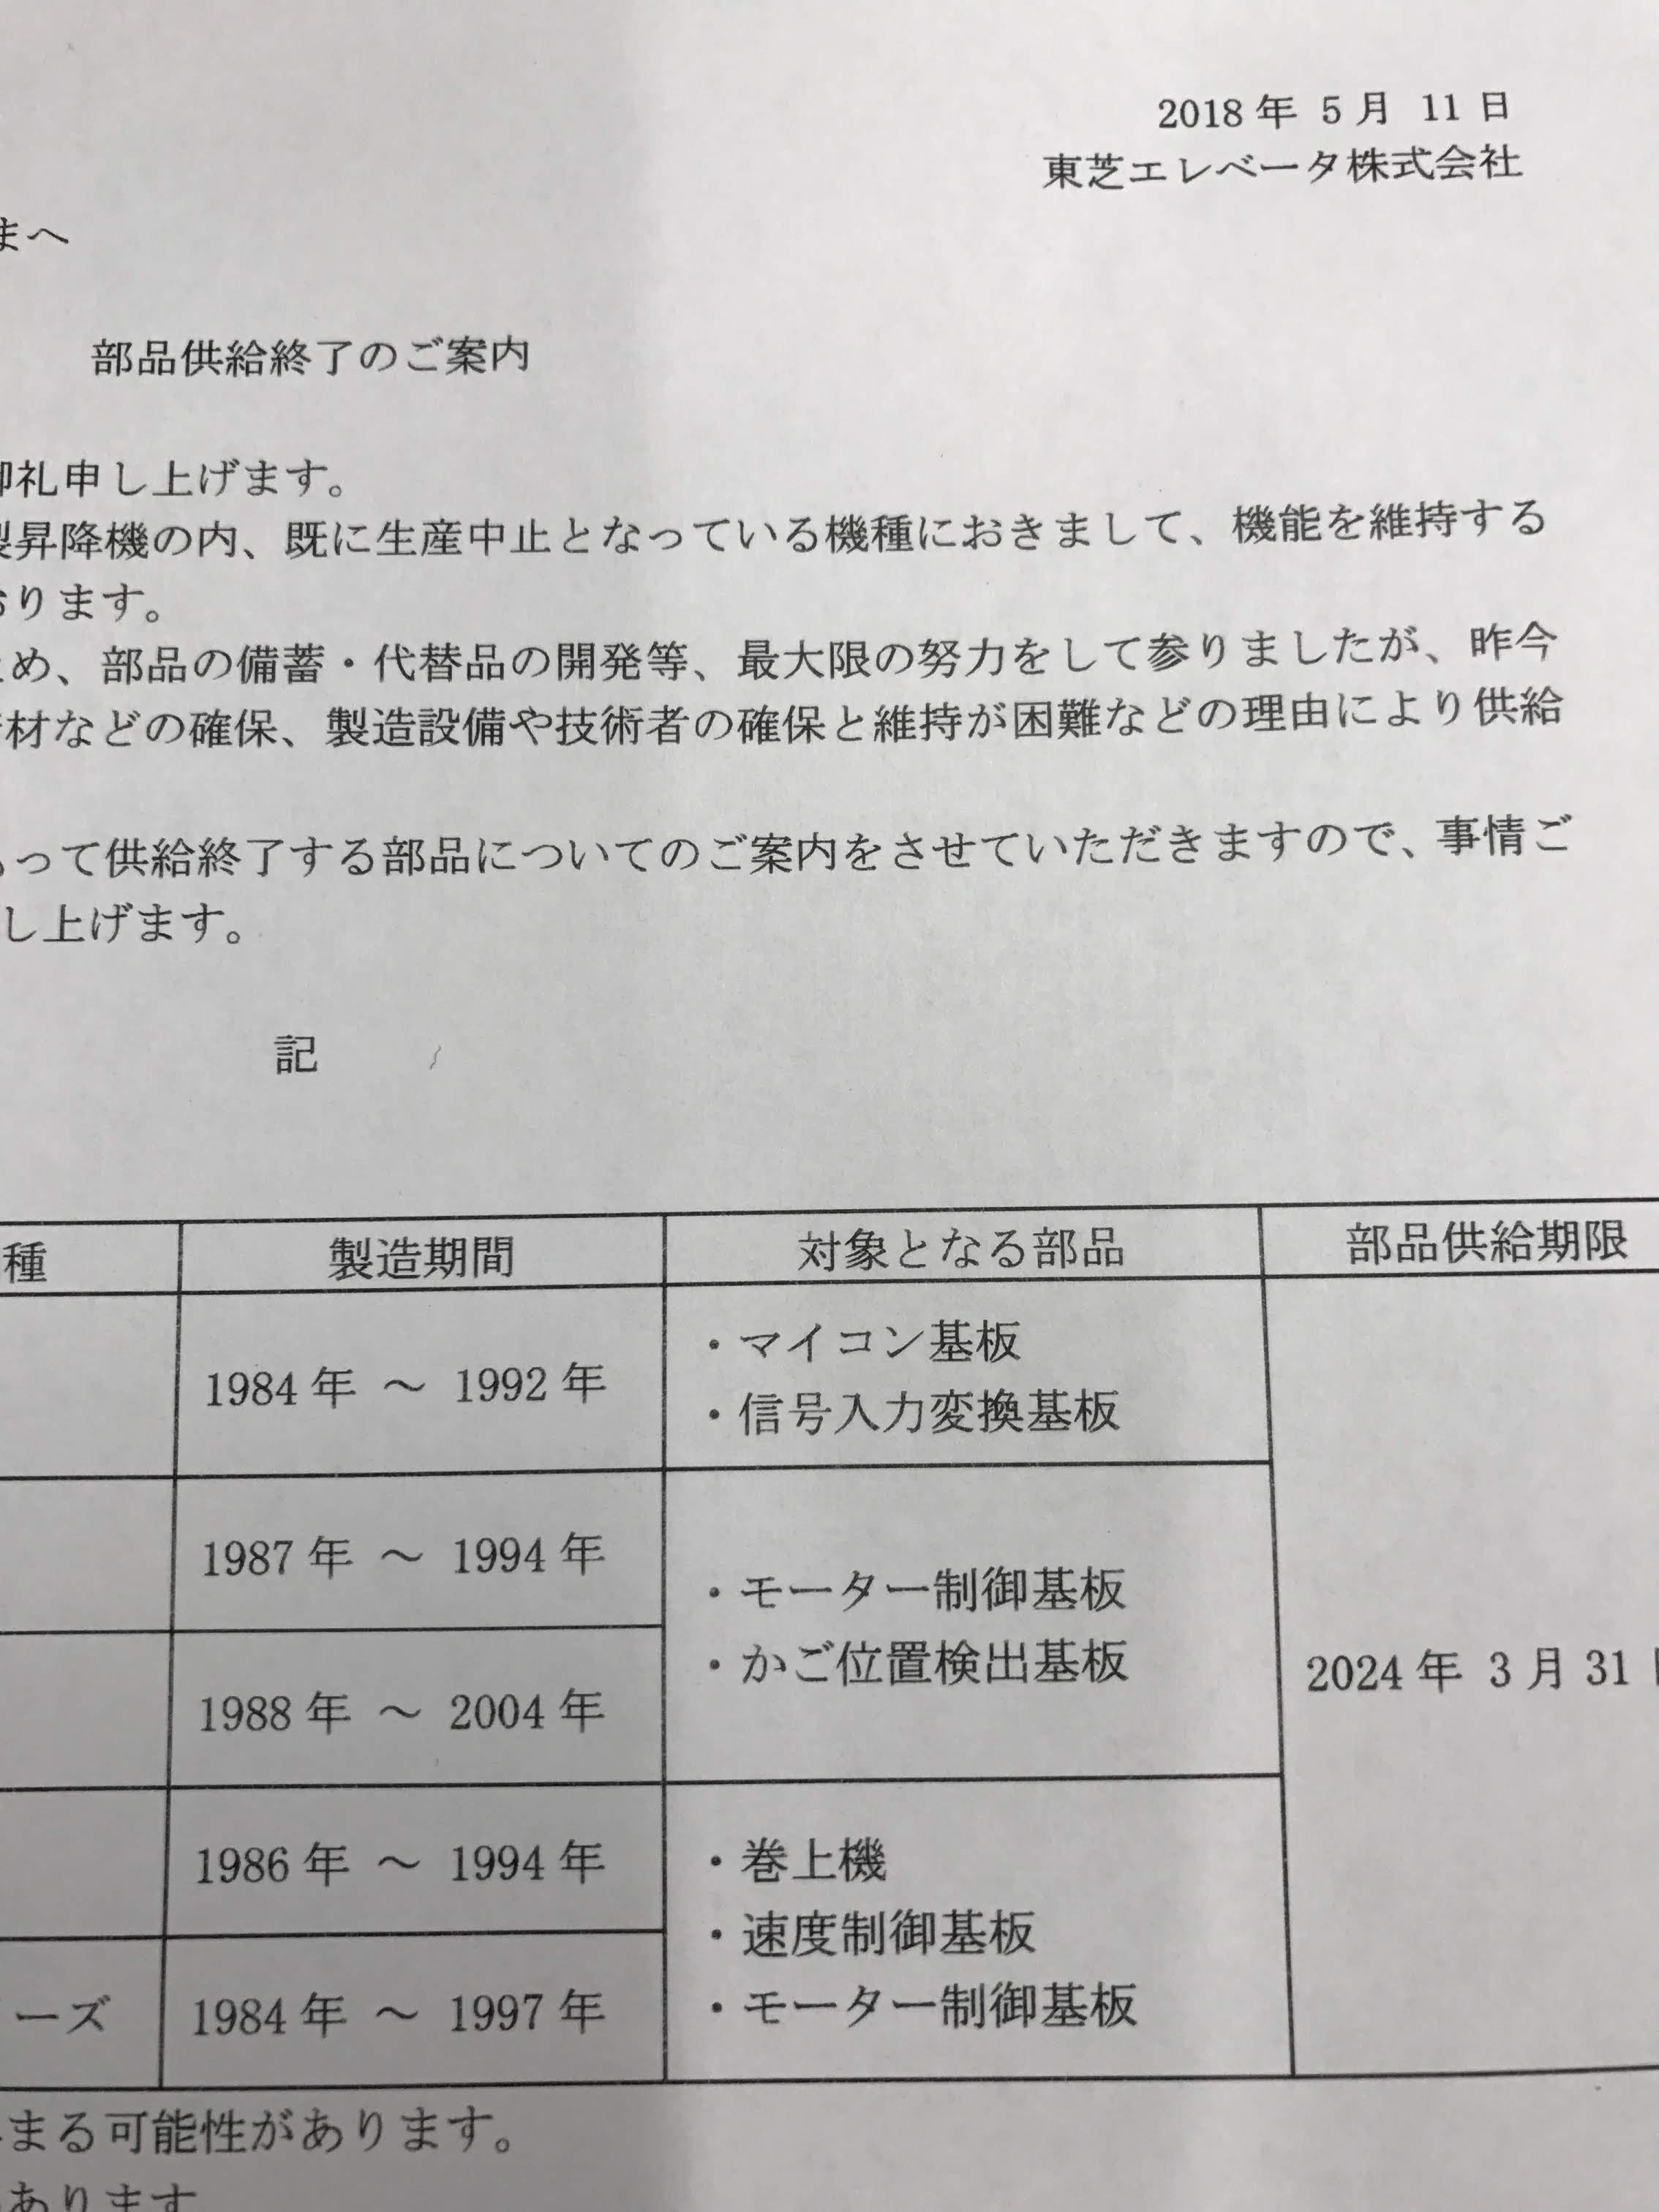 東芝エレベータ・2018年5月11日発表(一部抜粋)